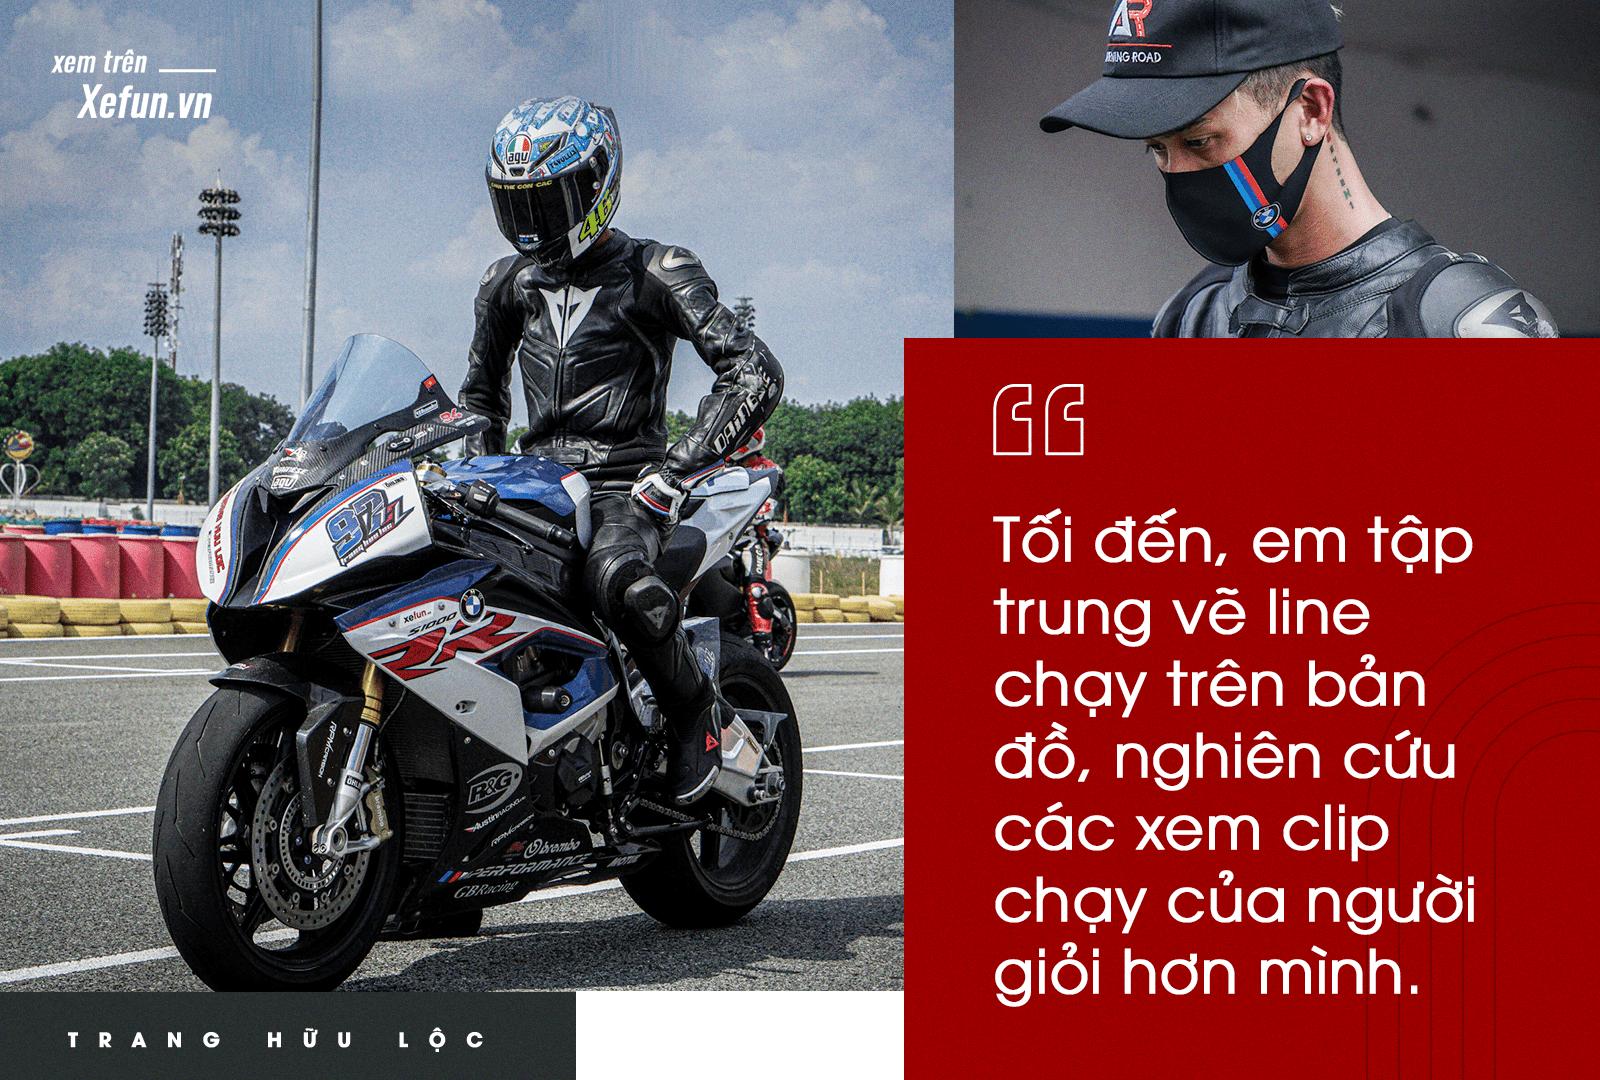 Trang Hữu Lộc thành tích 1 phút 21 giây chỉ trong 20 vòng chạy trường đua Đại Nam hệ 1000cc BMW S1000RR Xefun (1)-min97